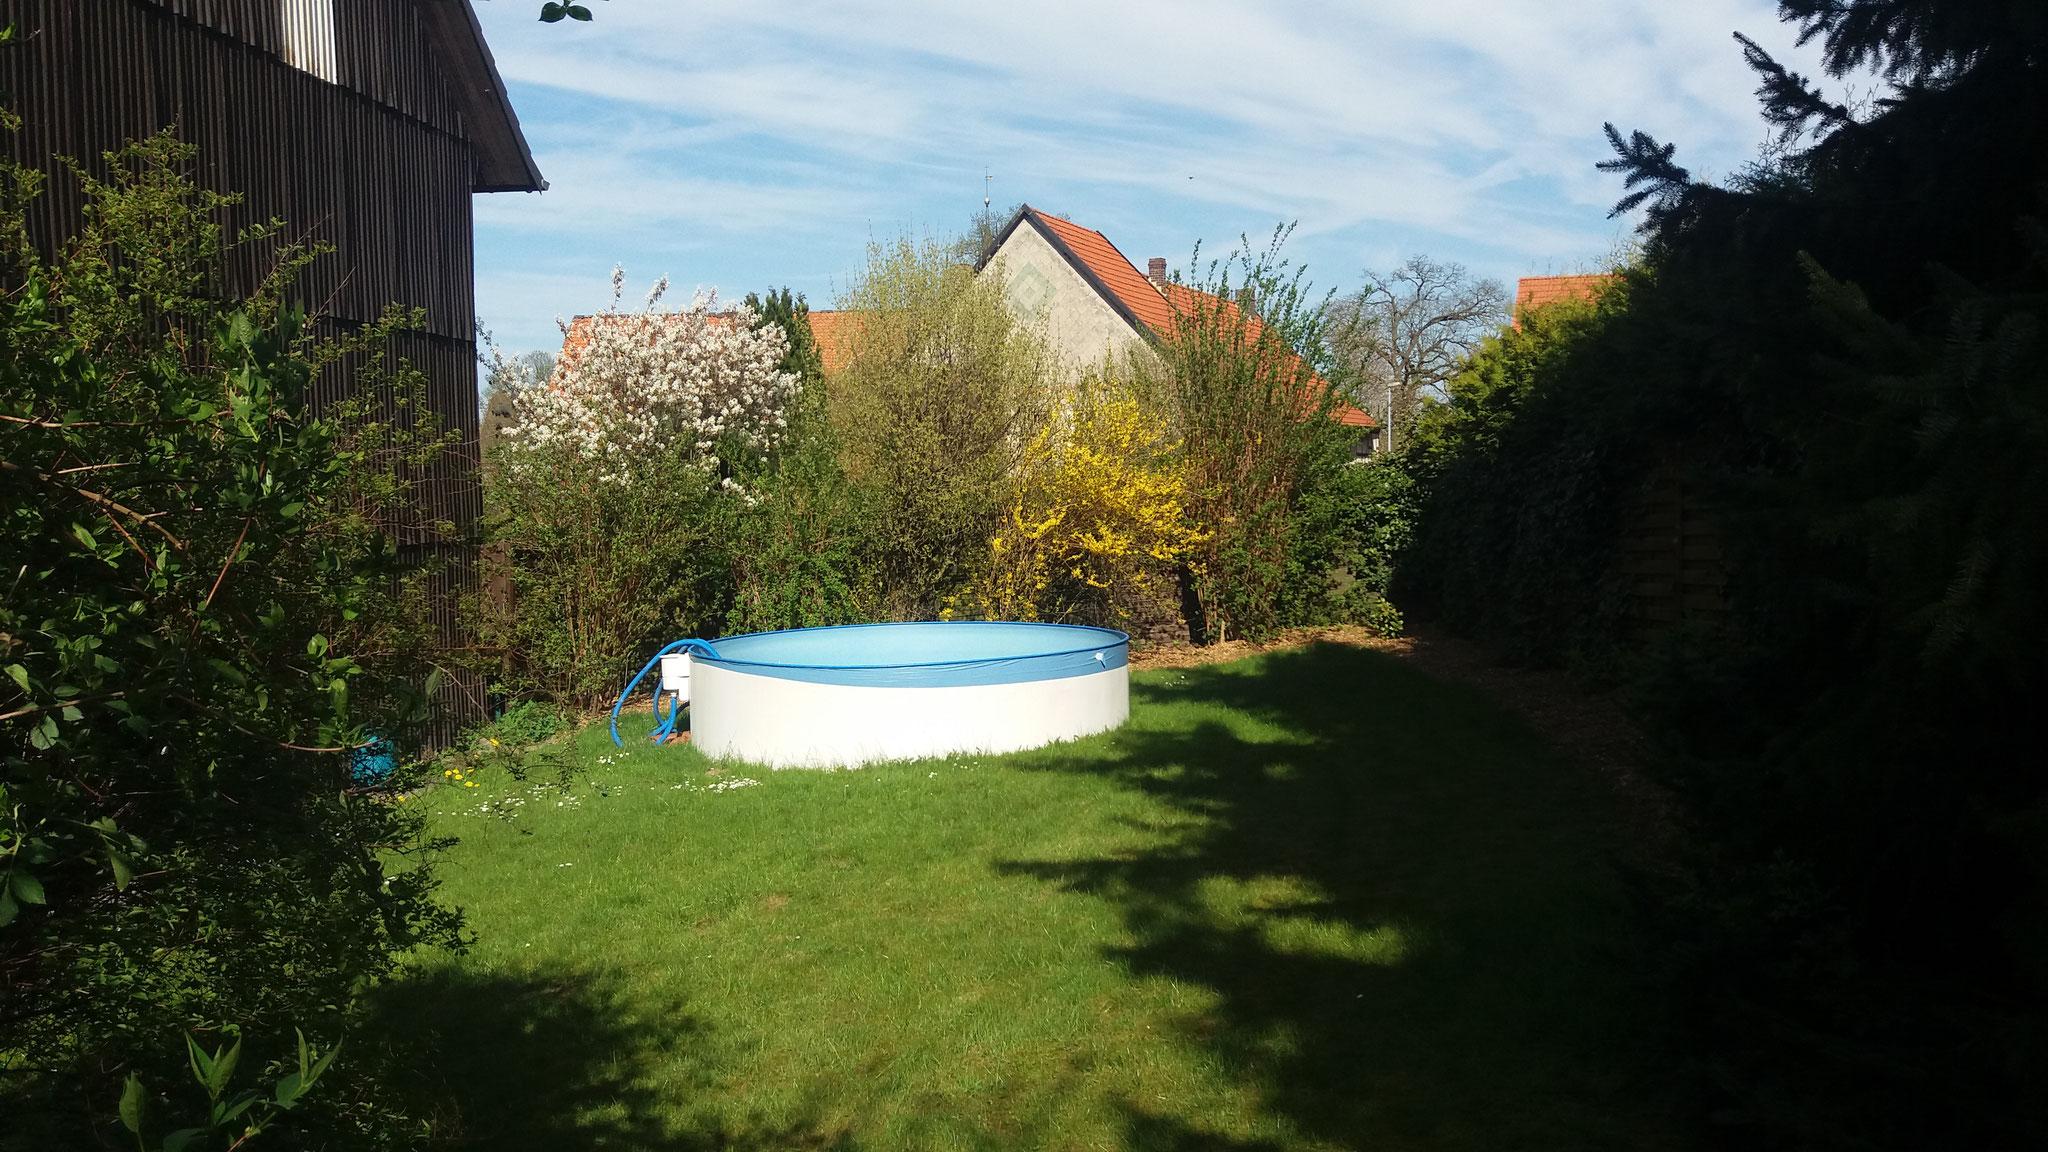 Der Pool sorgt im Sommer für die nötige Abkühlung